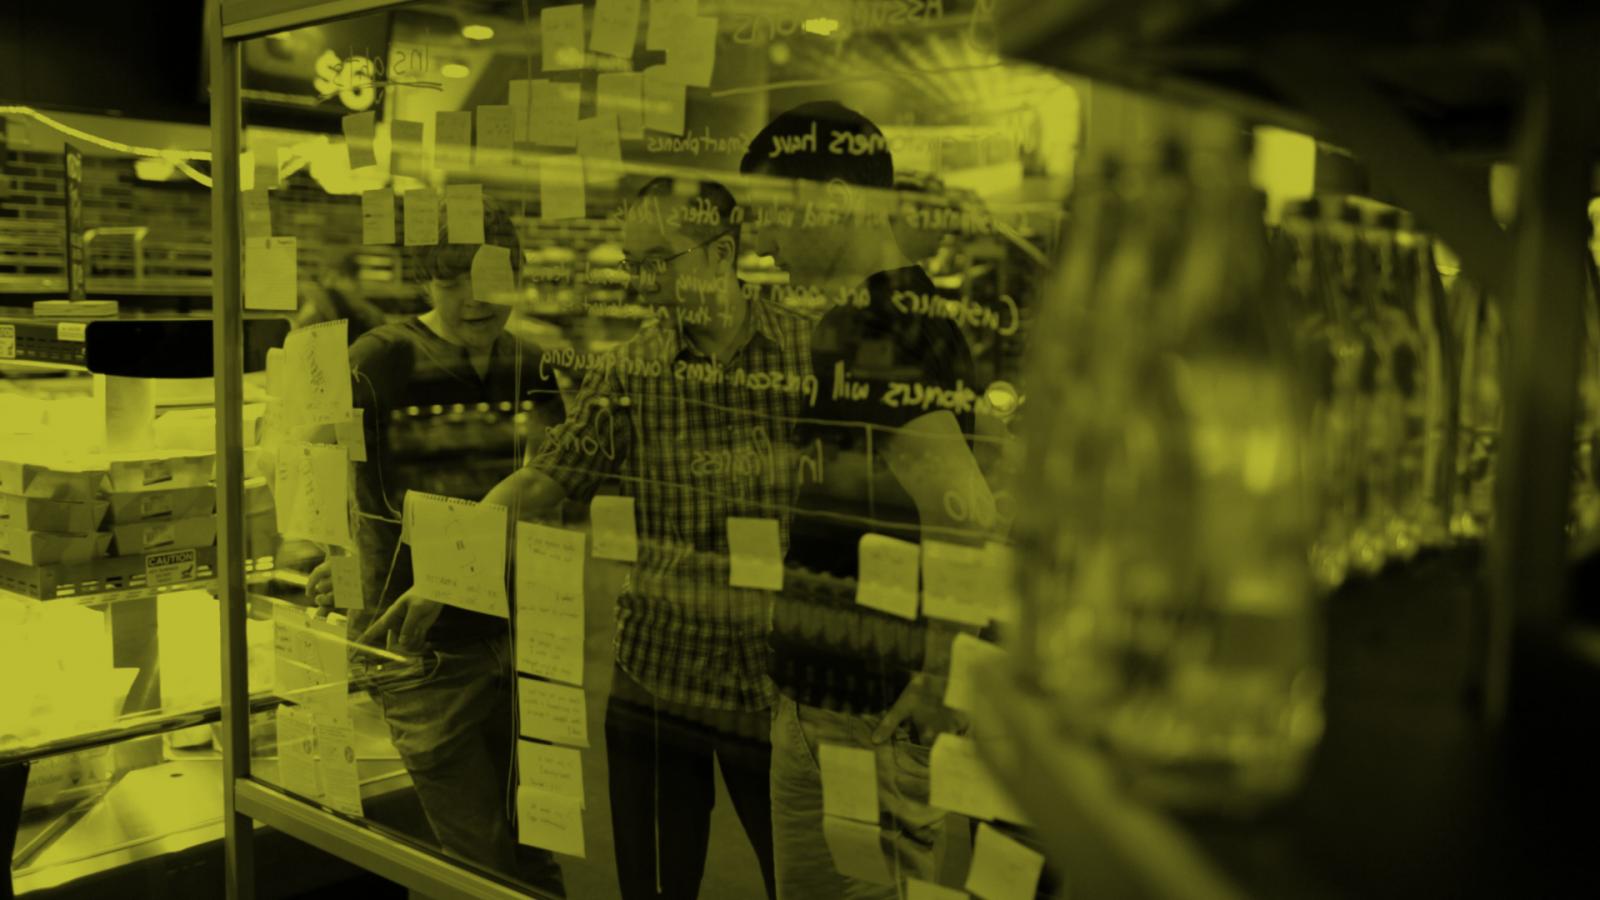 마이크로 서비스 아키텍처: 디지털 시대의 리테일 유연성